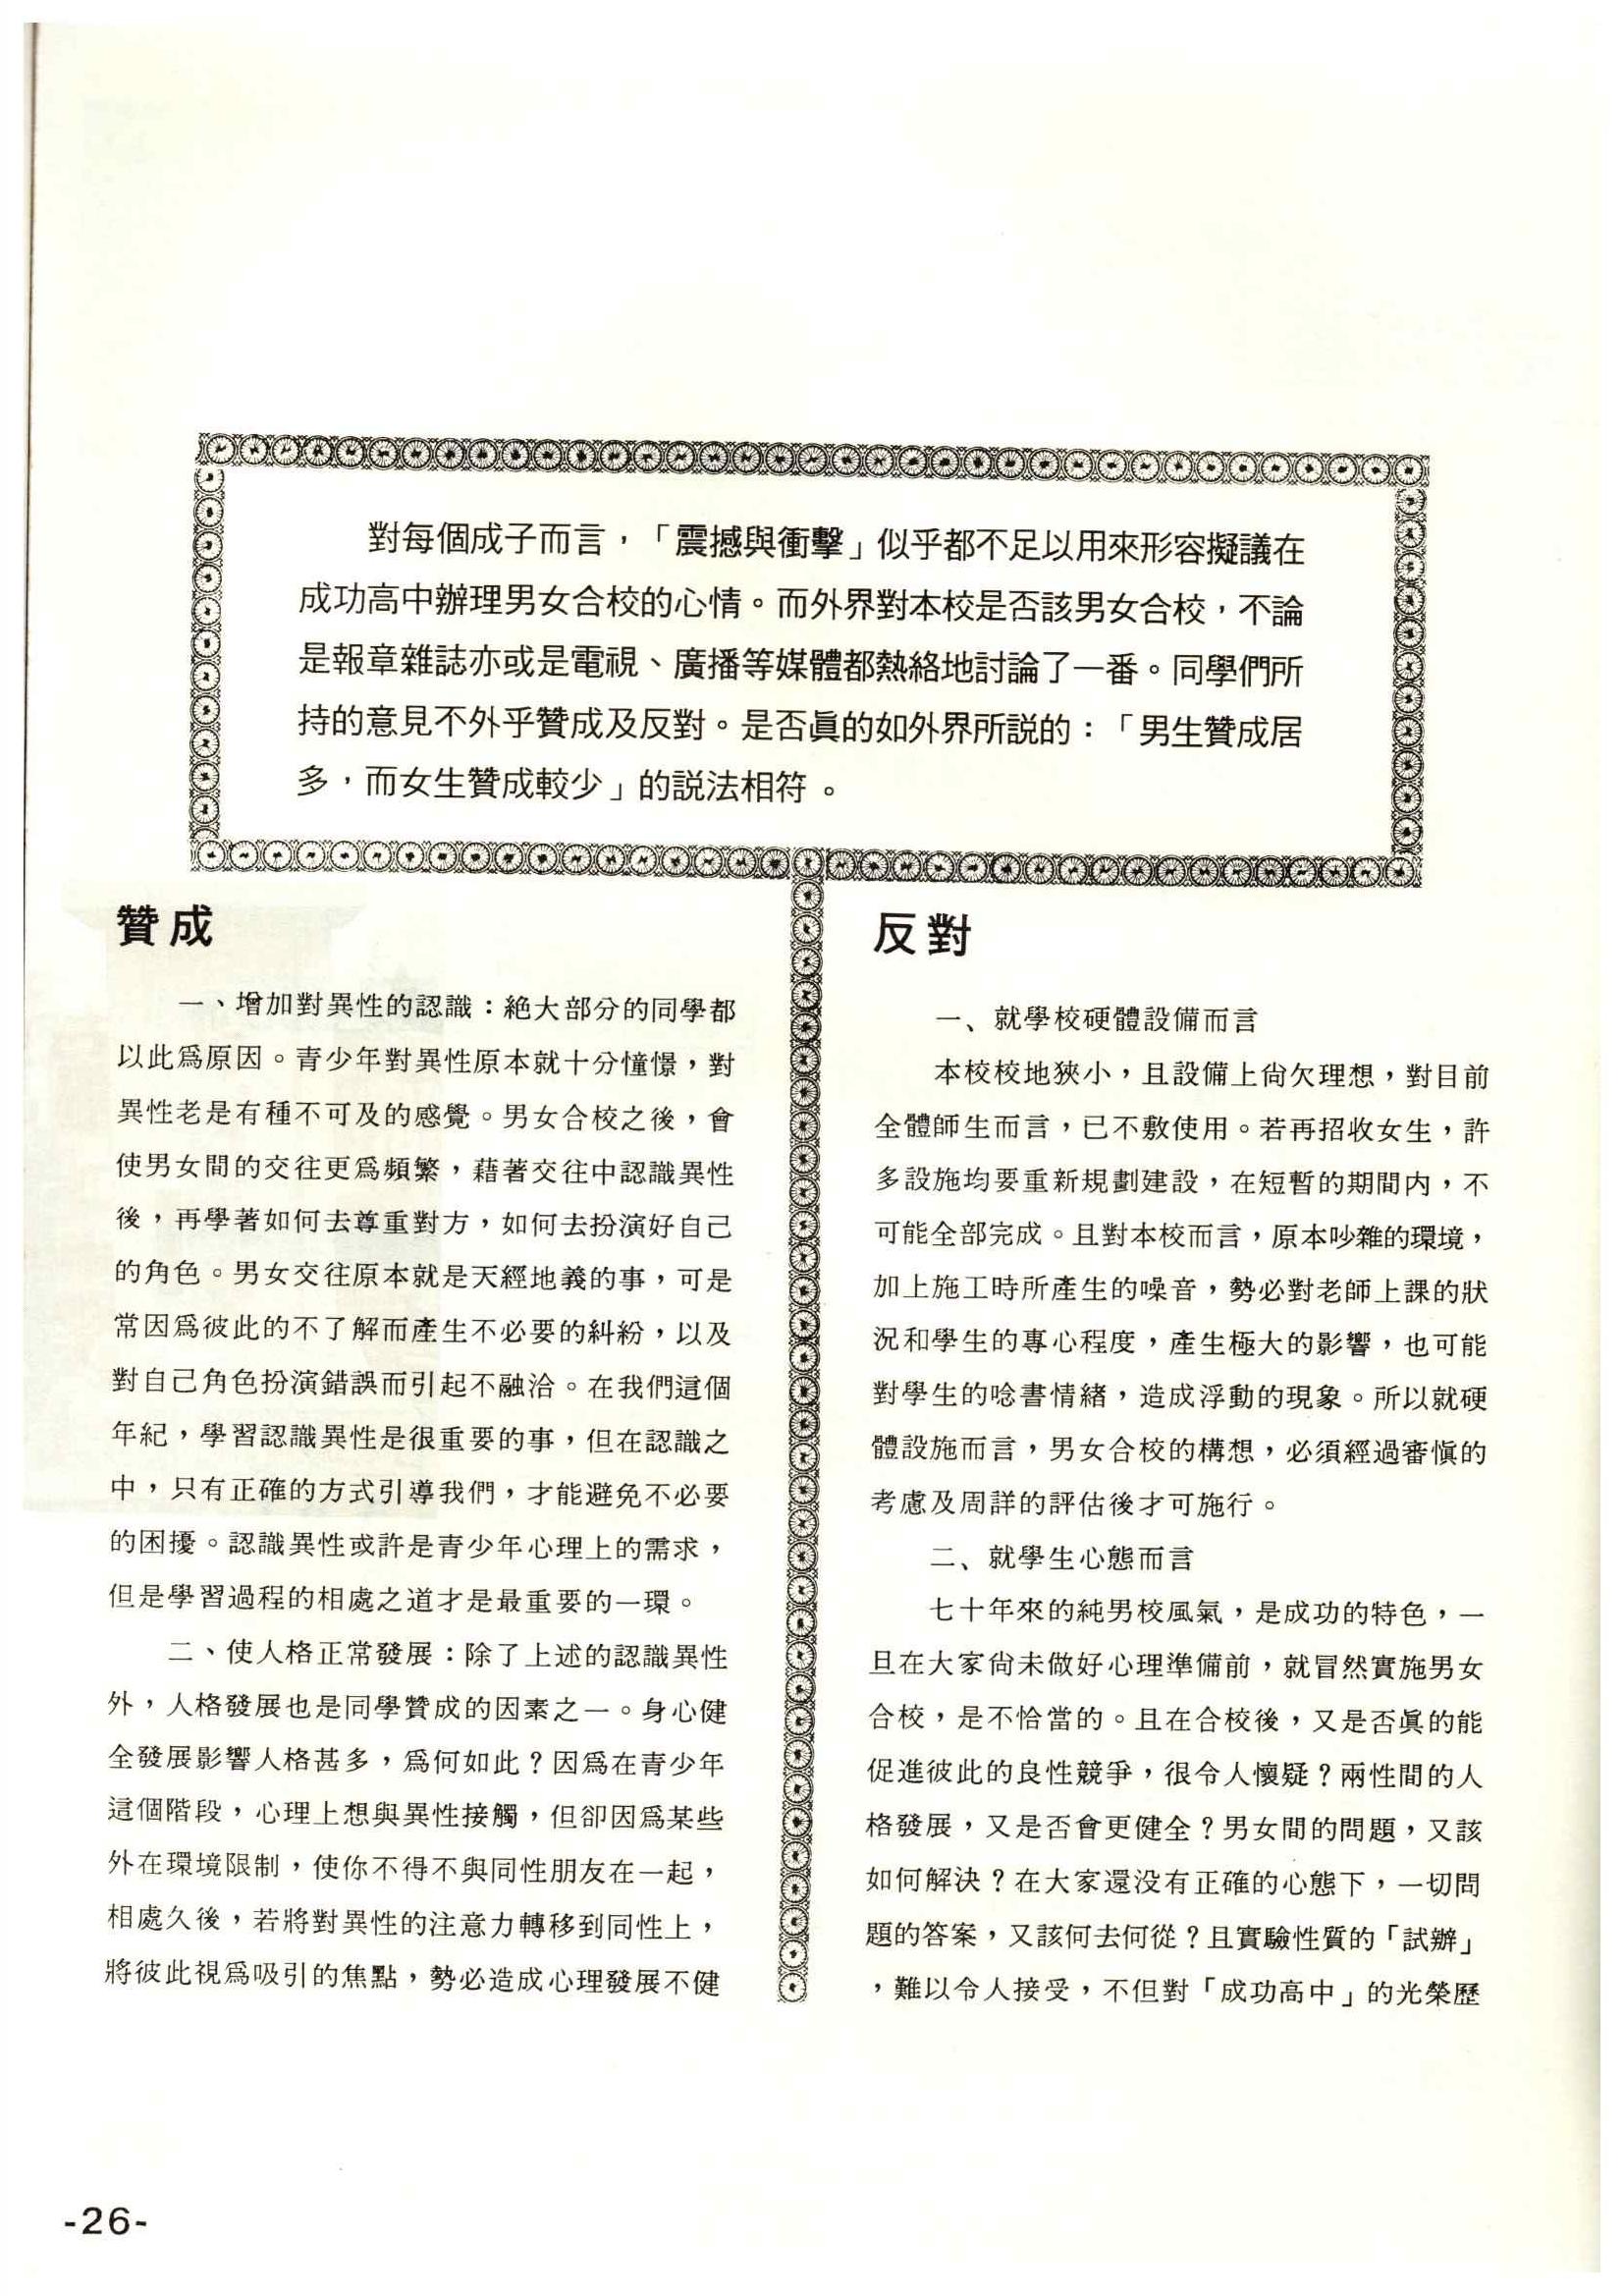 《成功青年122》p.26